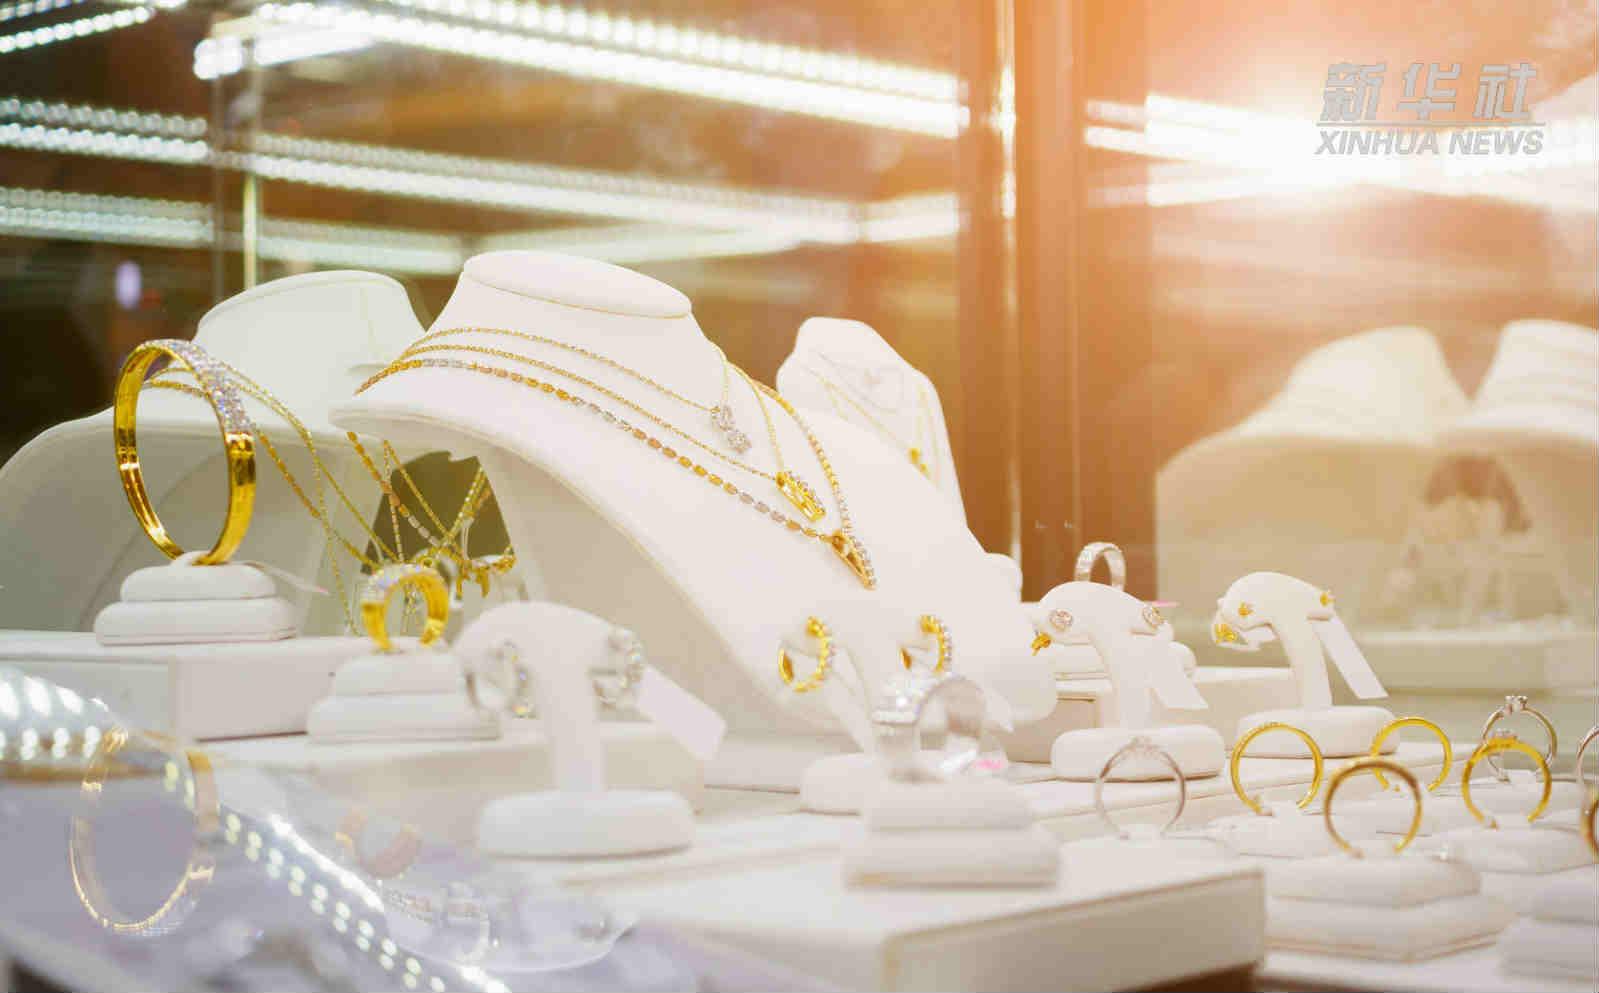 沙拿利:珠宝消费日益多元化